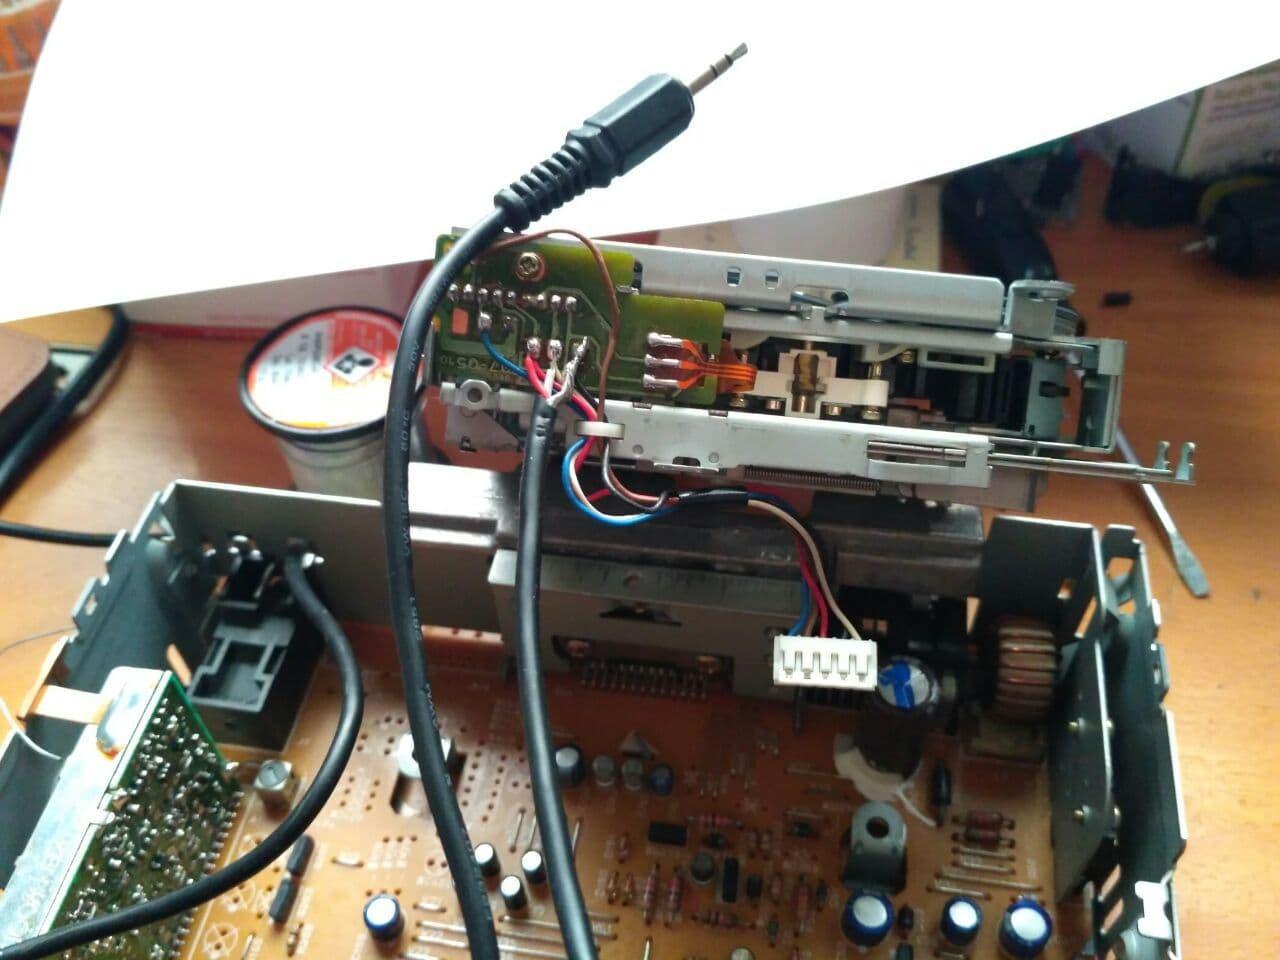 Soldadura del cable de audio a las salidas analógicas del lector de cassettes.